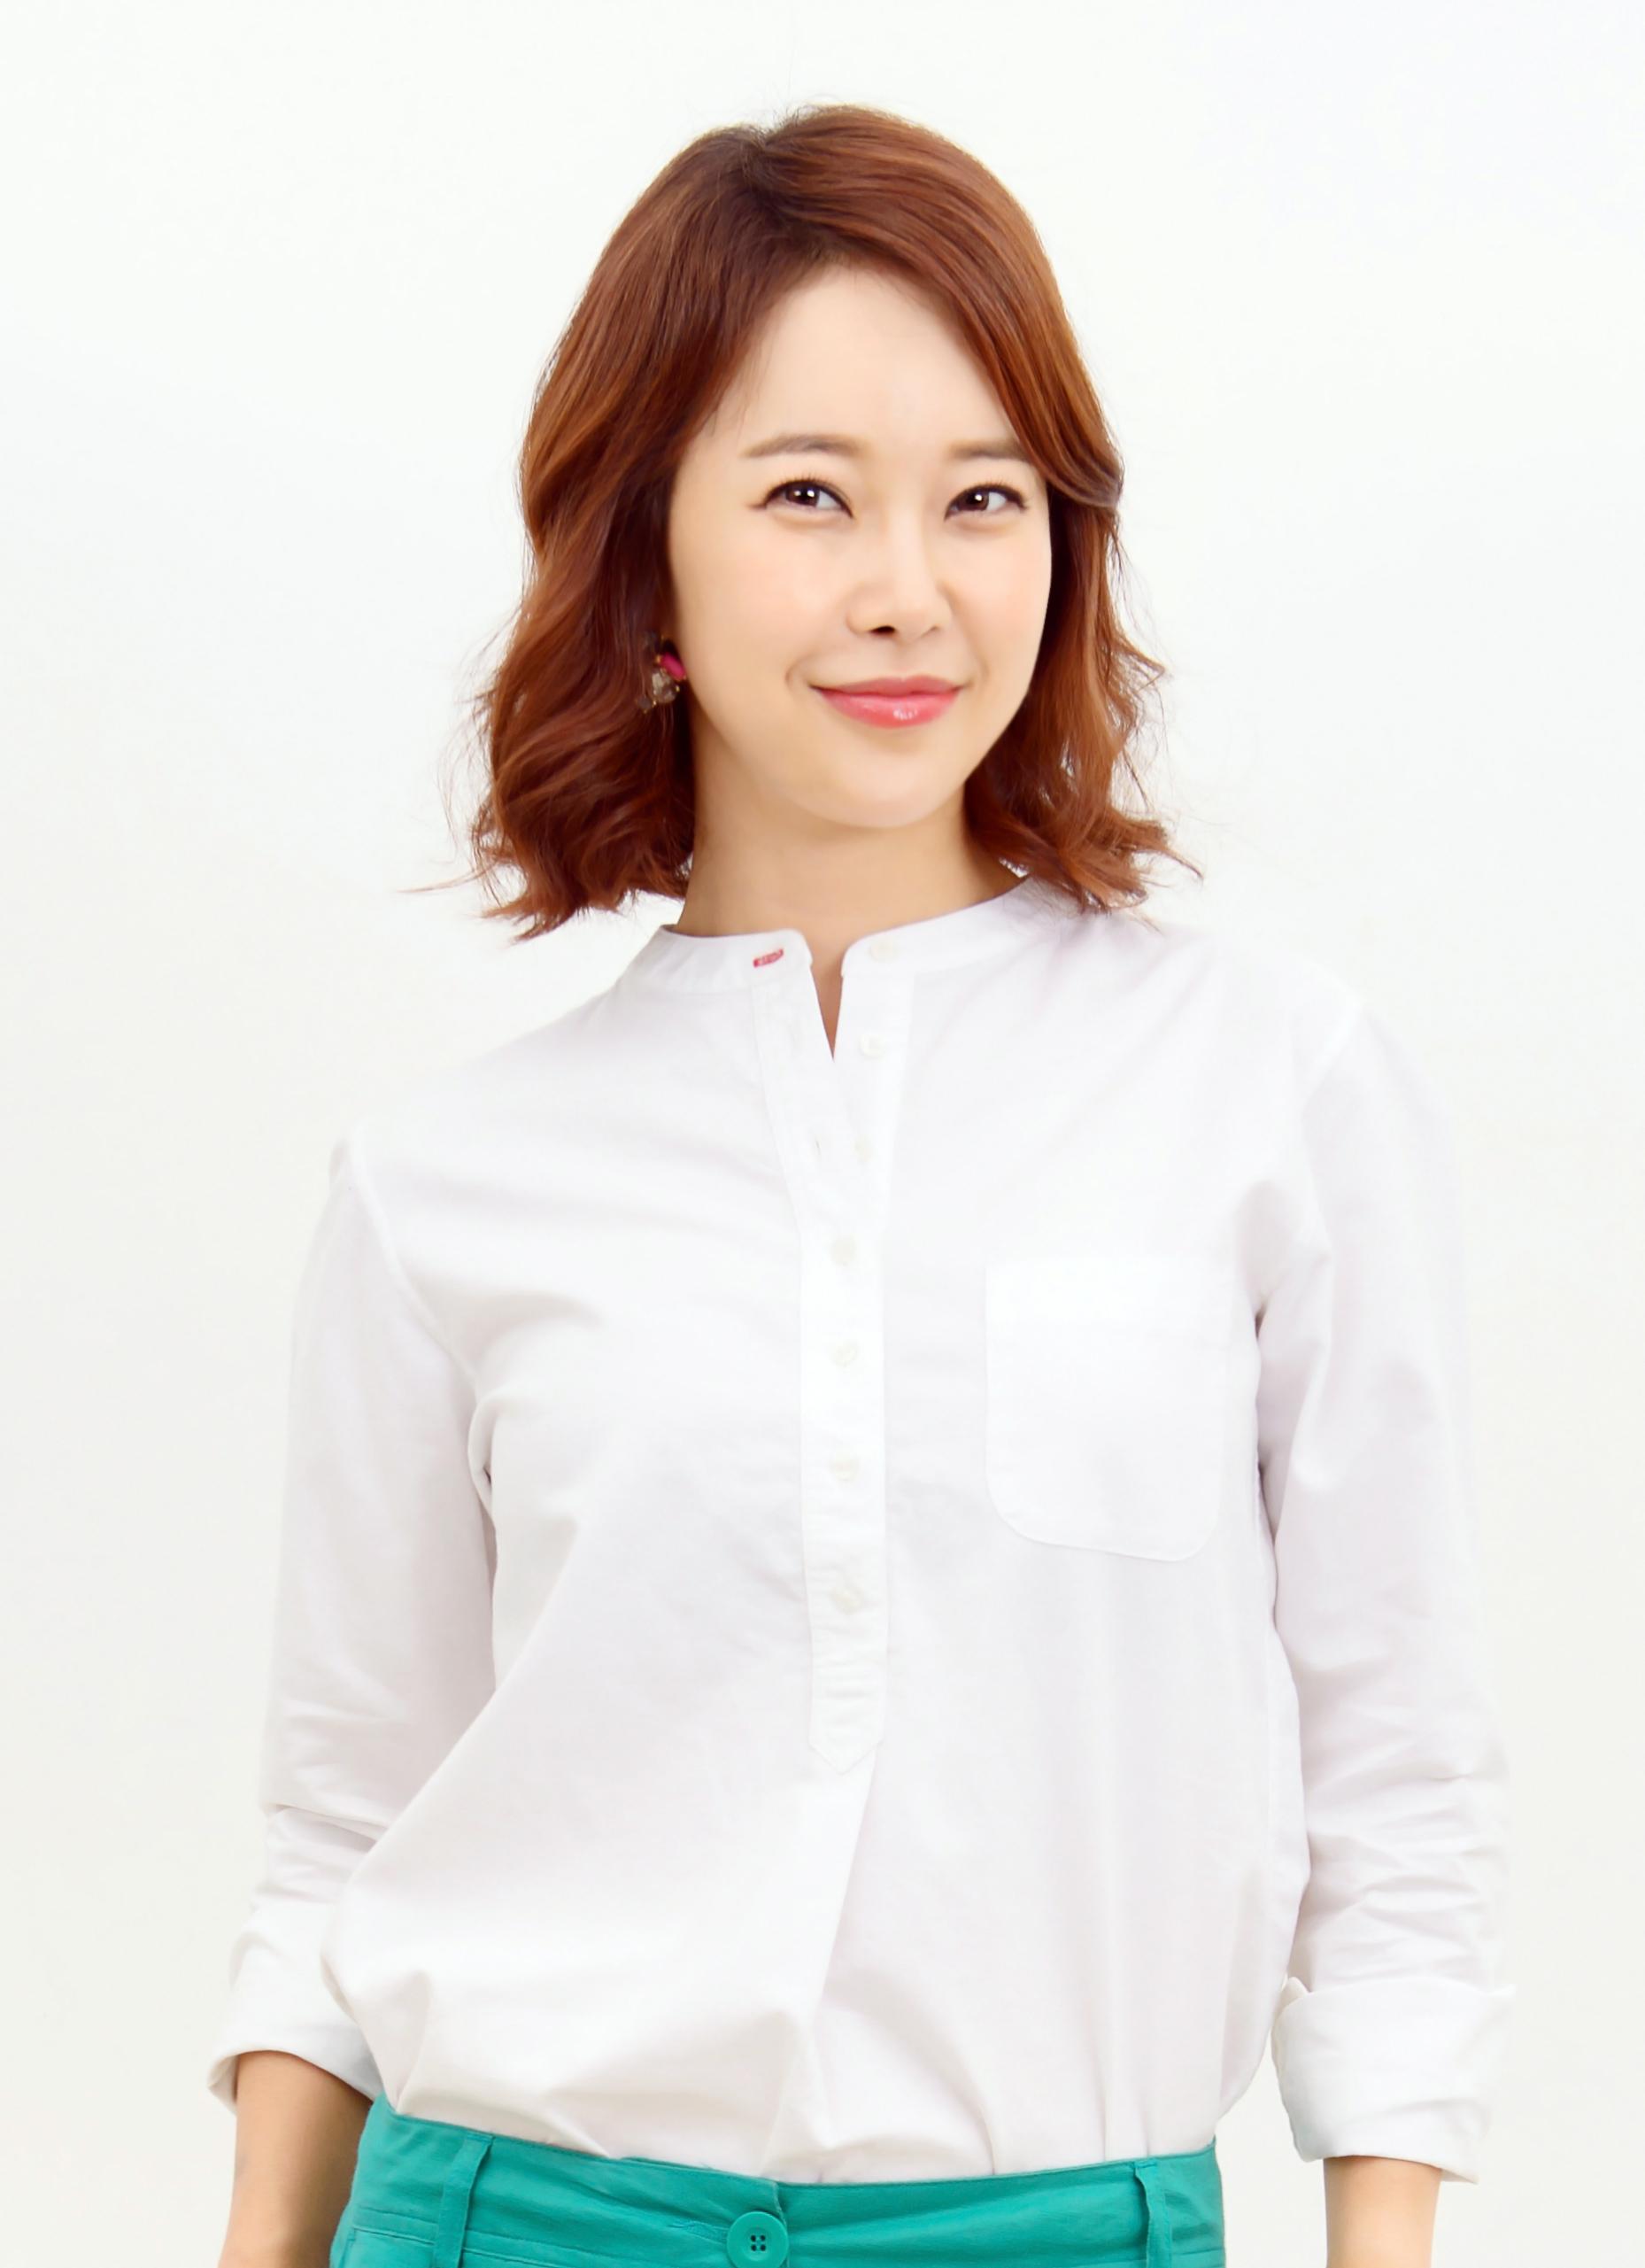 Baek_Ji_YoungP.jpg (538×661)